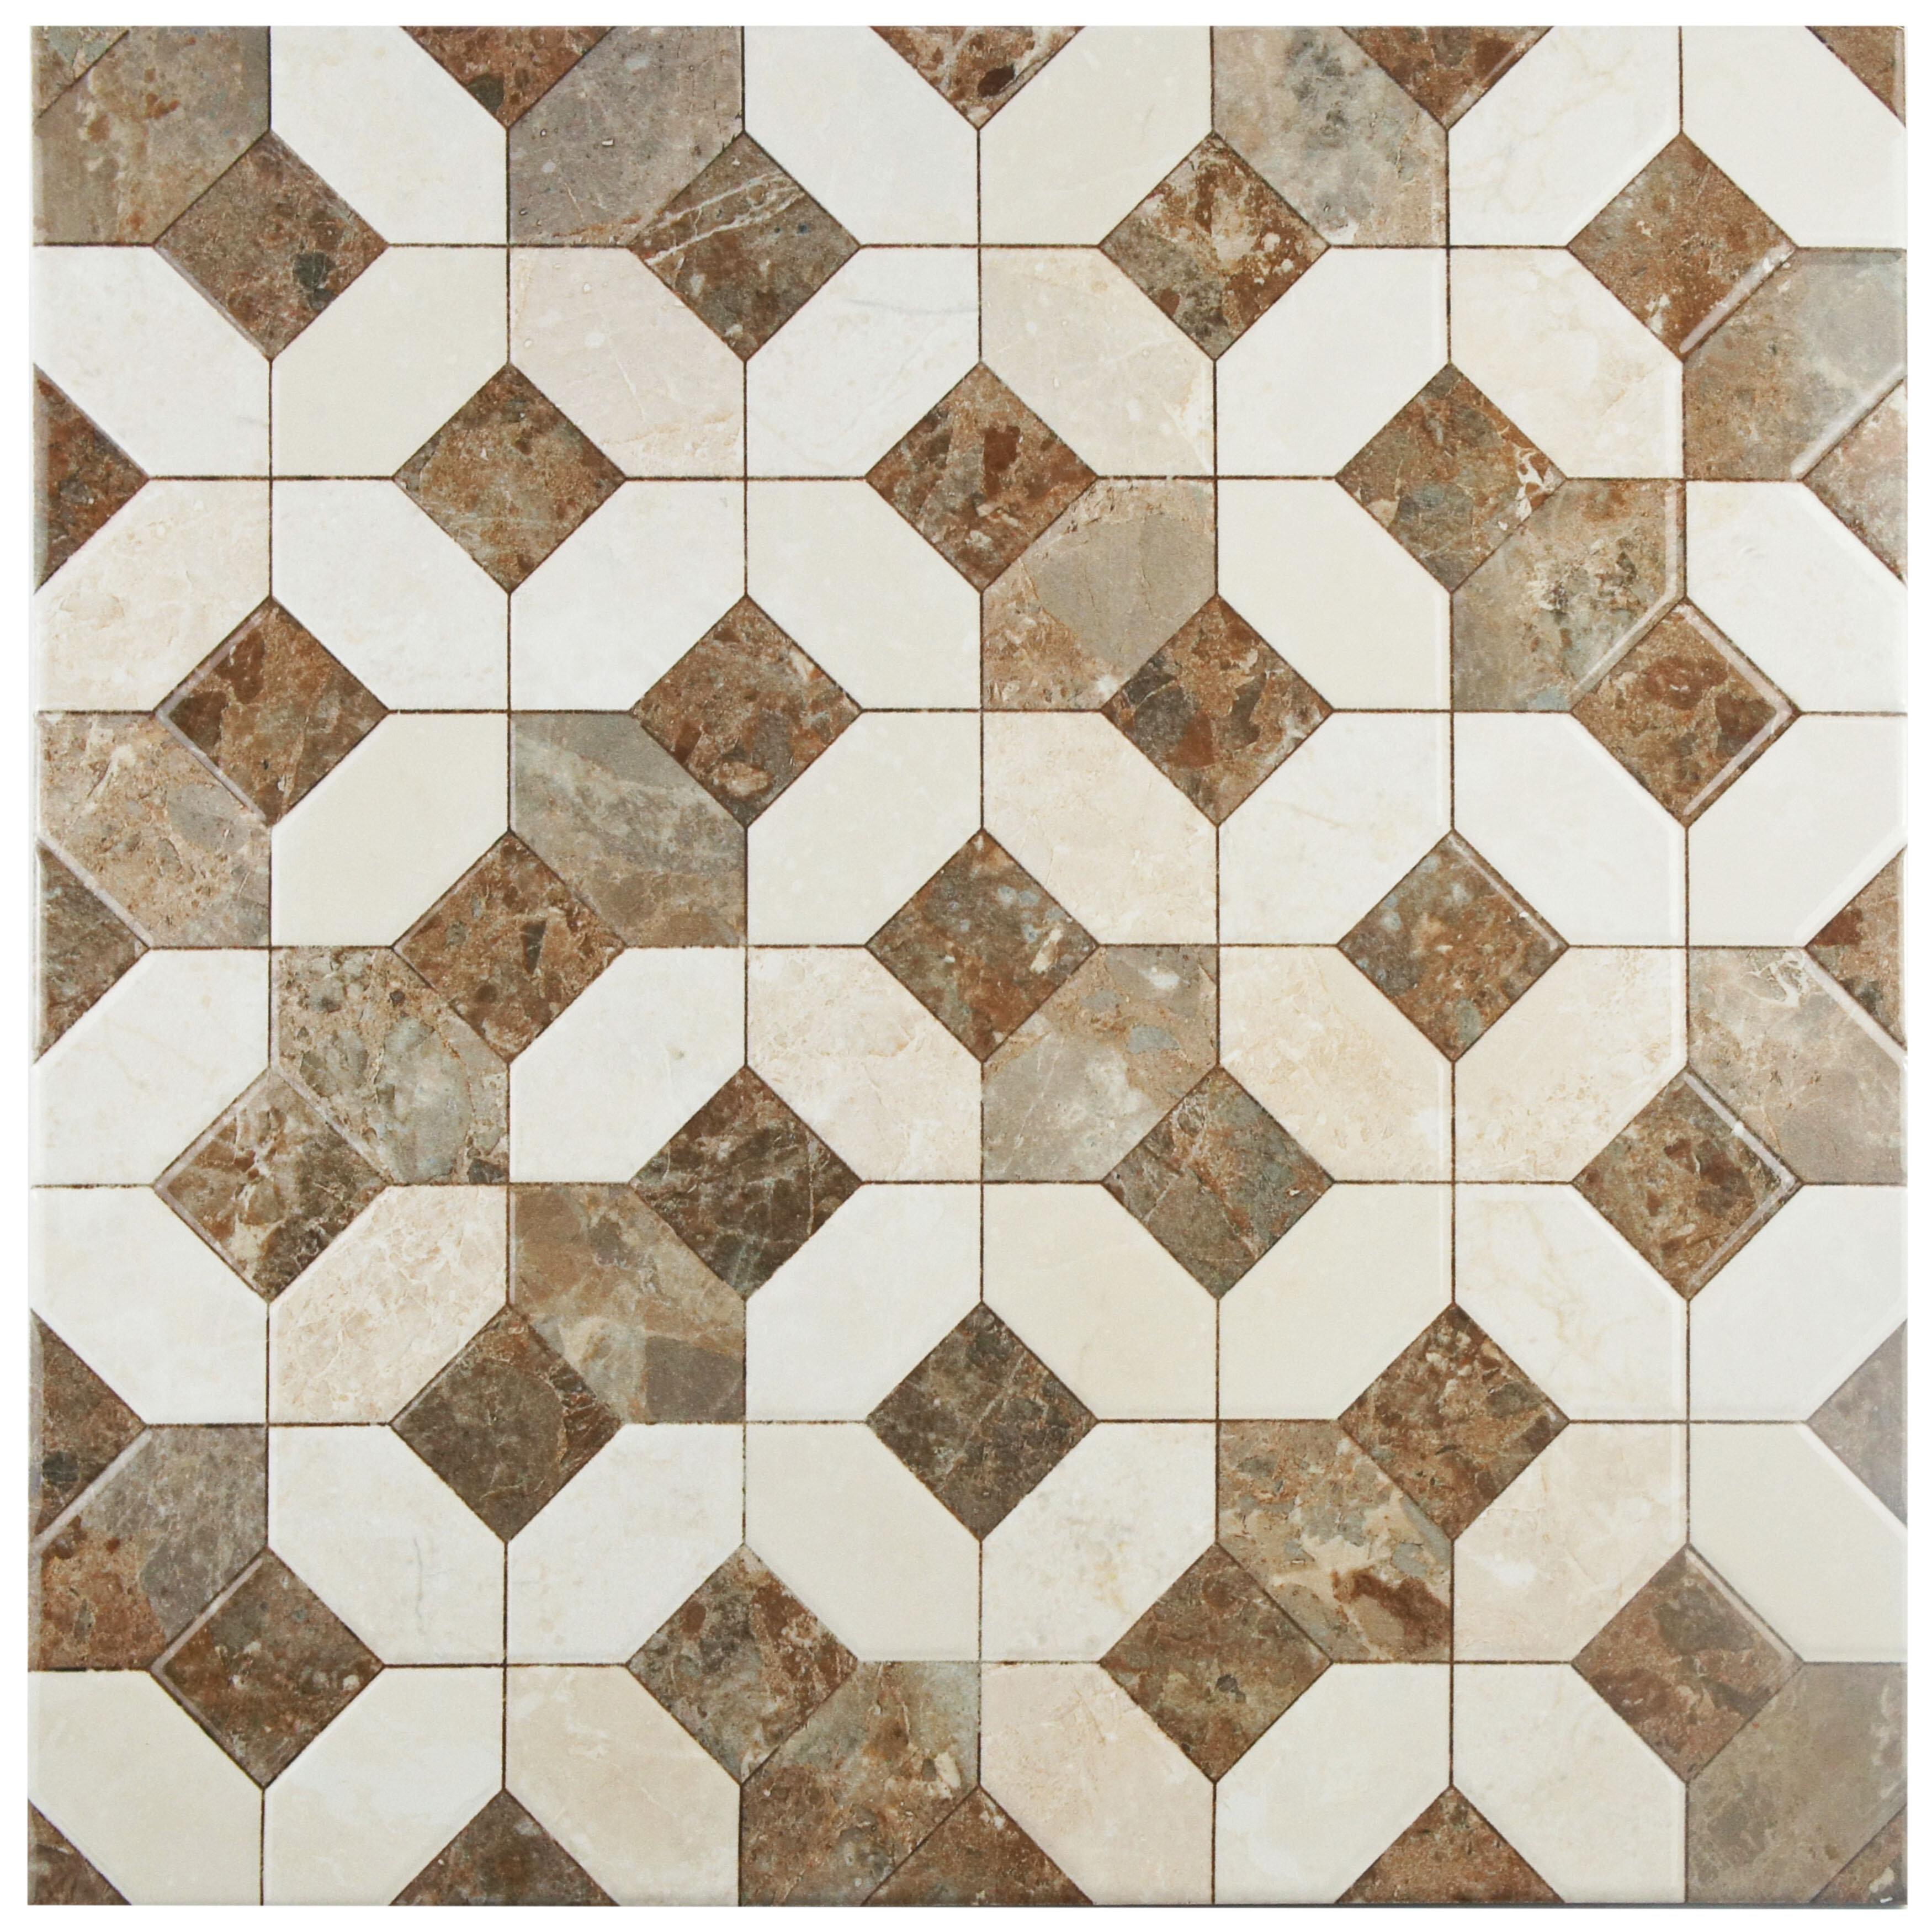 Elitetile Caprichos 1775 X 1775 Ceramic Tile In Marmol Beige